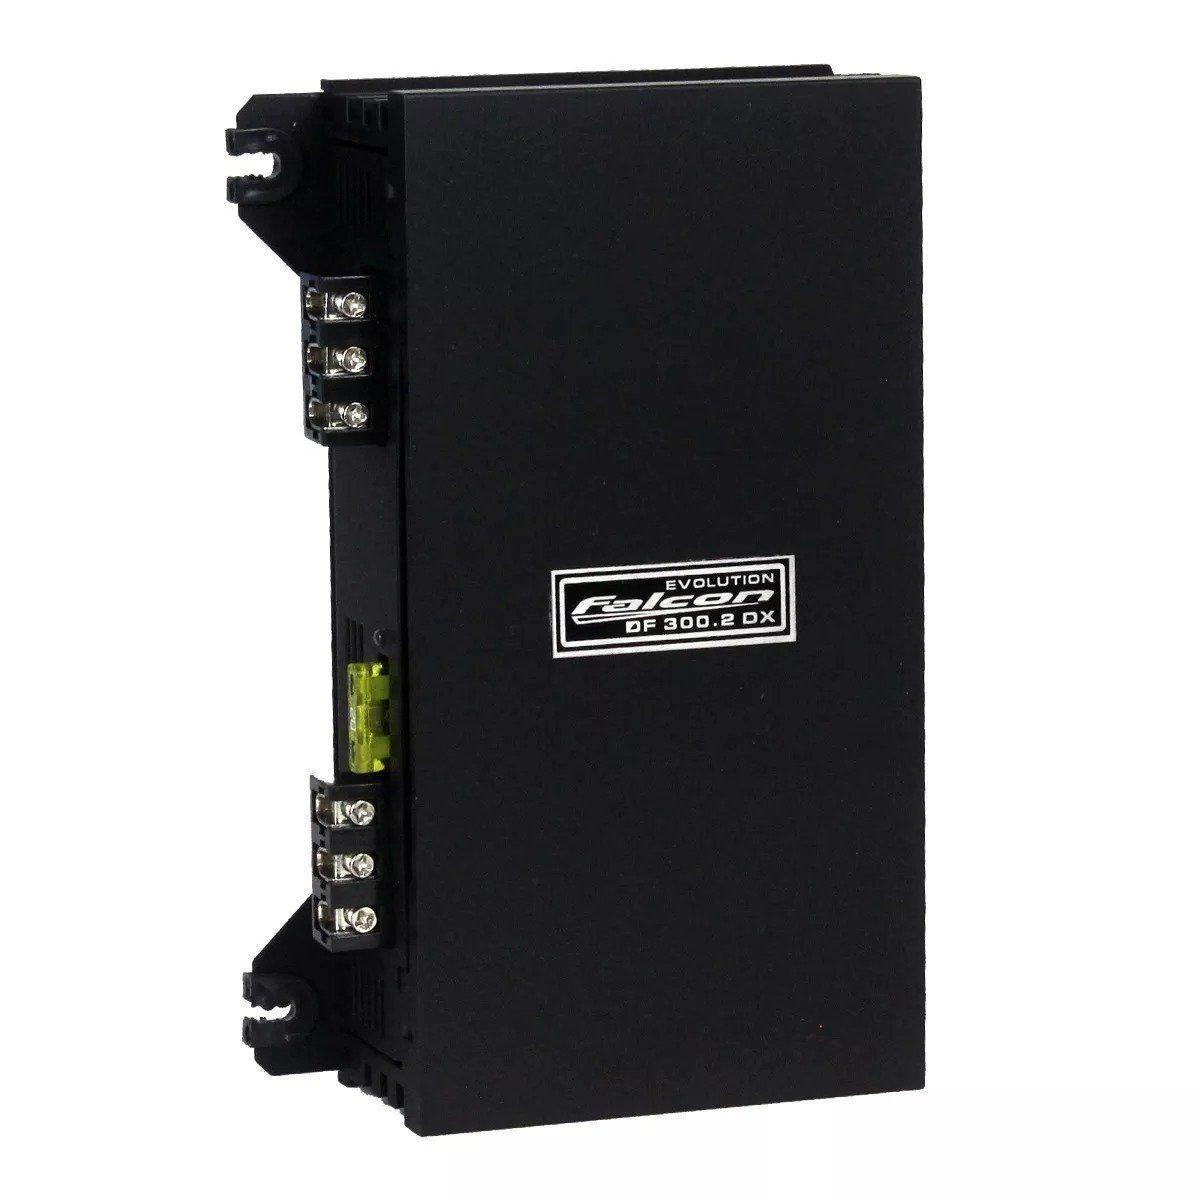 Modulo Amplificador Falcon 300.2 Mono e Estereo 2 Canais 300 Wats